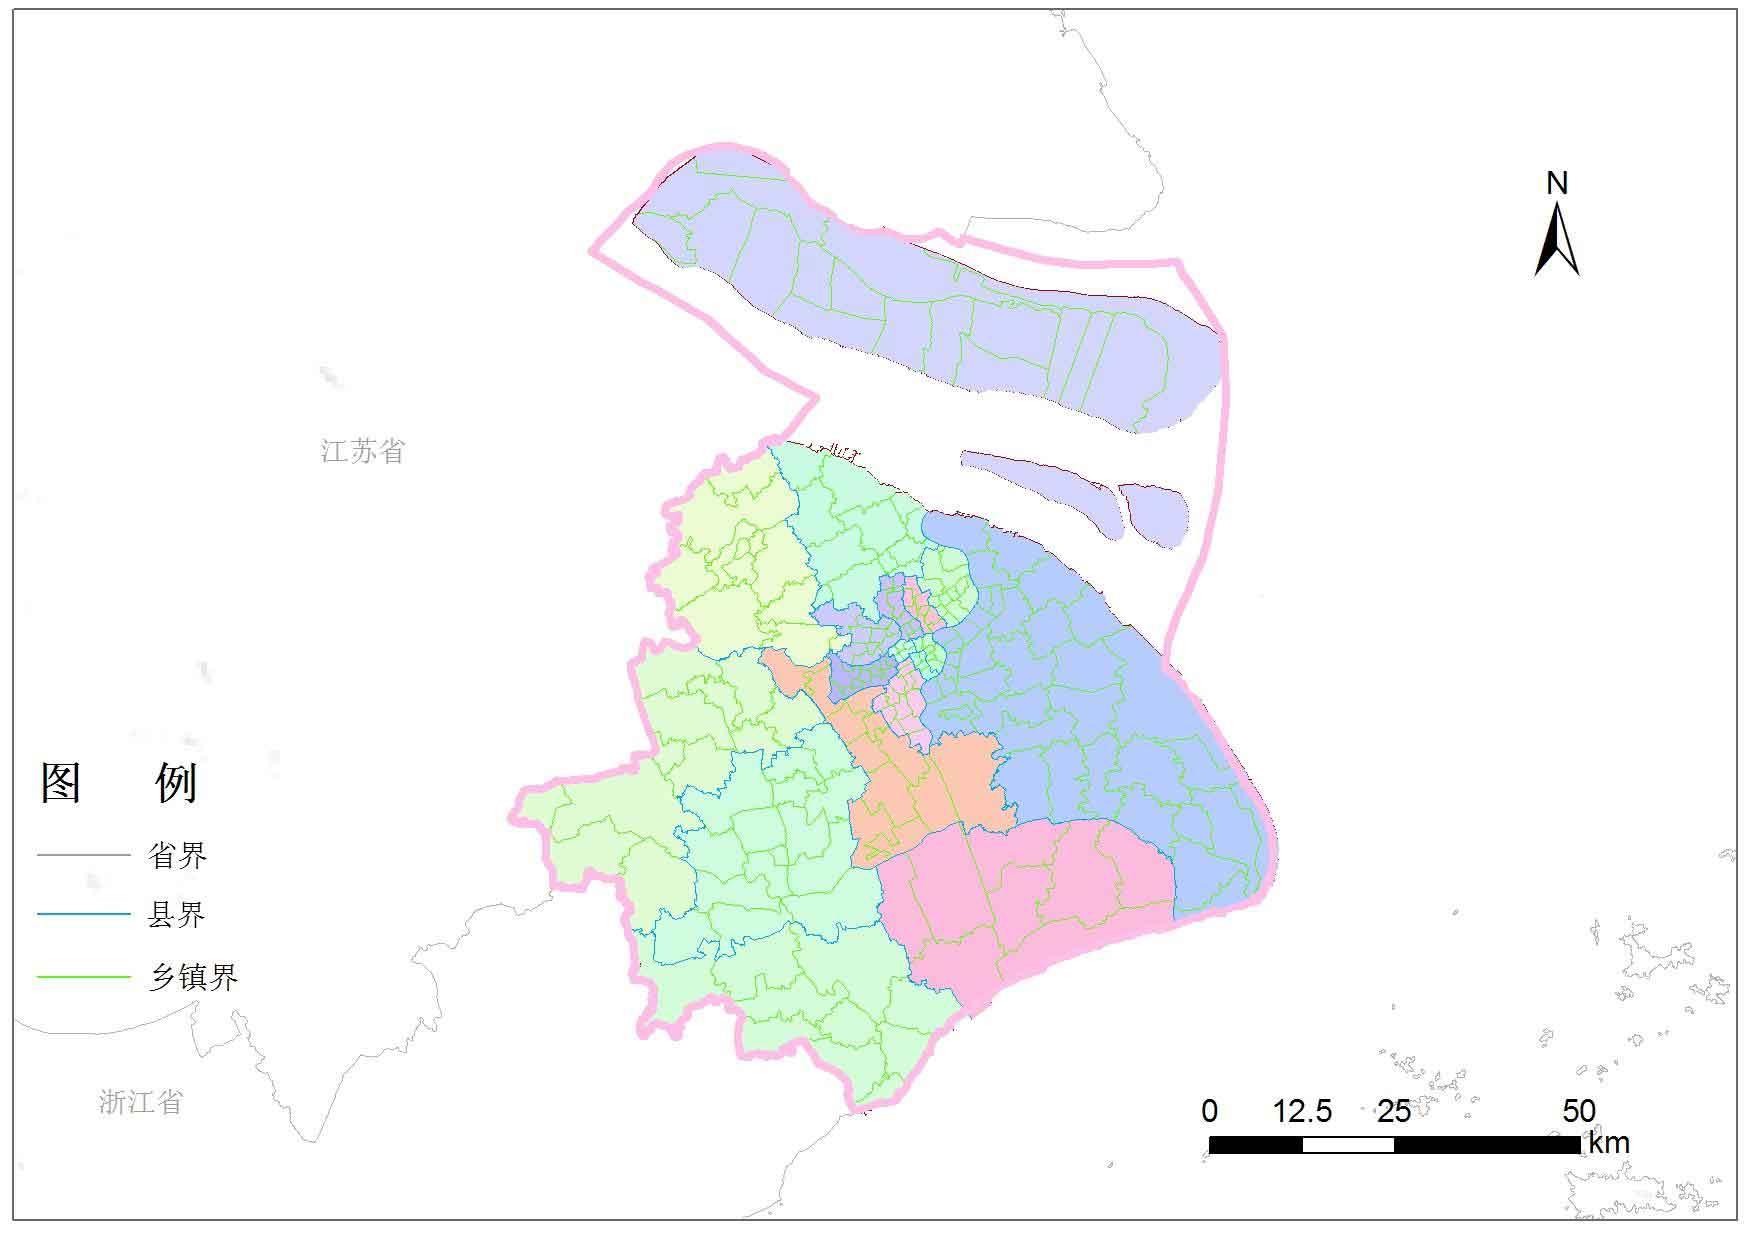 上海市乡镇行政区划-地图数据-地理国情监测云平台